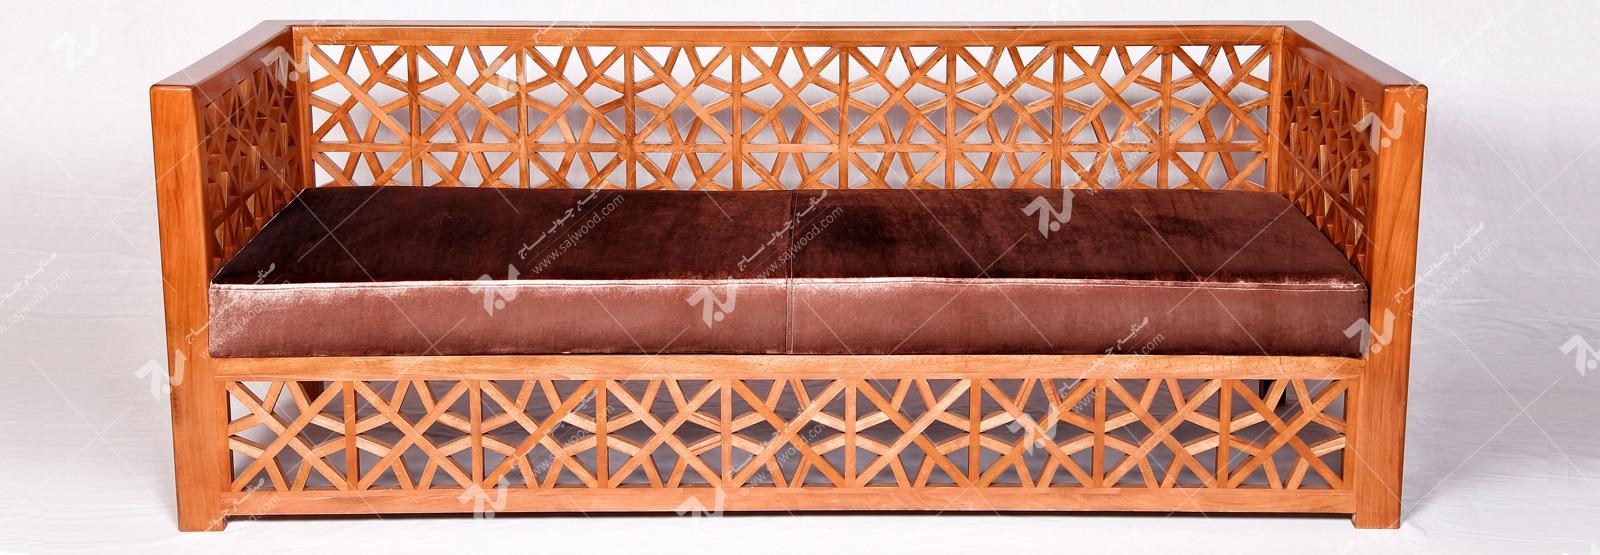 مبلمان چوبی سنتی هفت نفره گره چینی مشبک تمام چوب